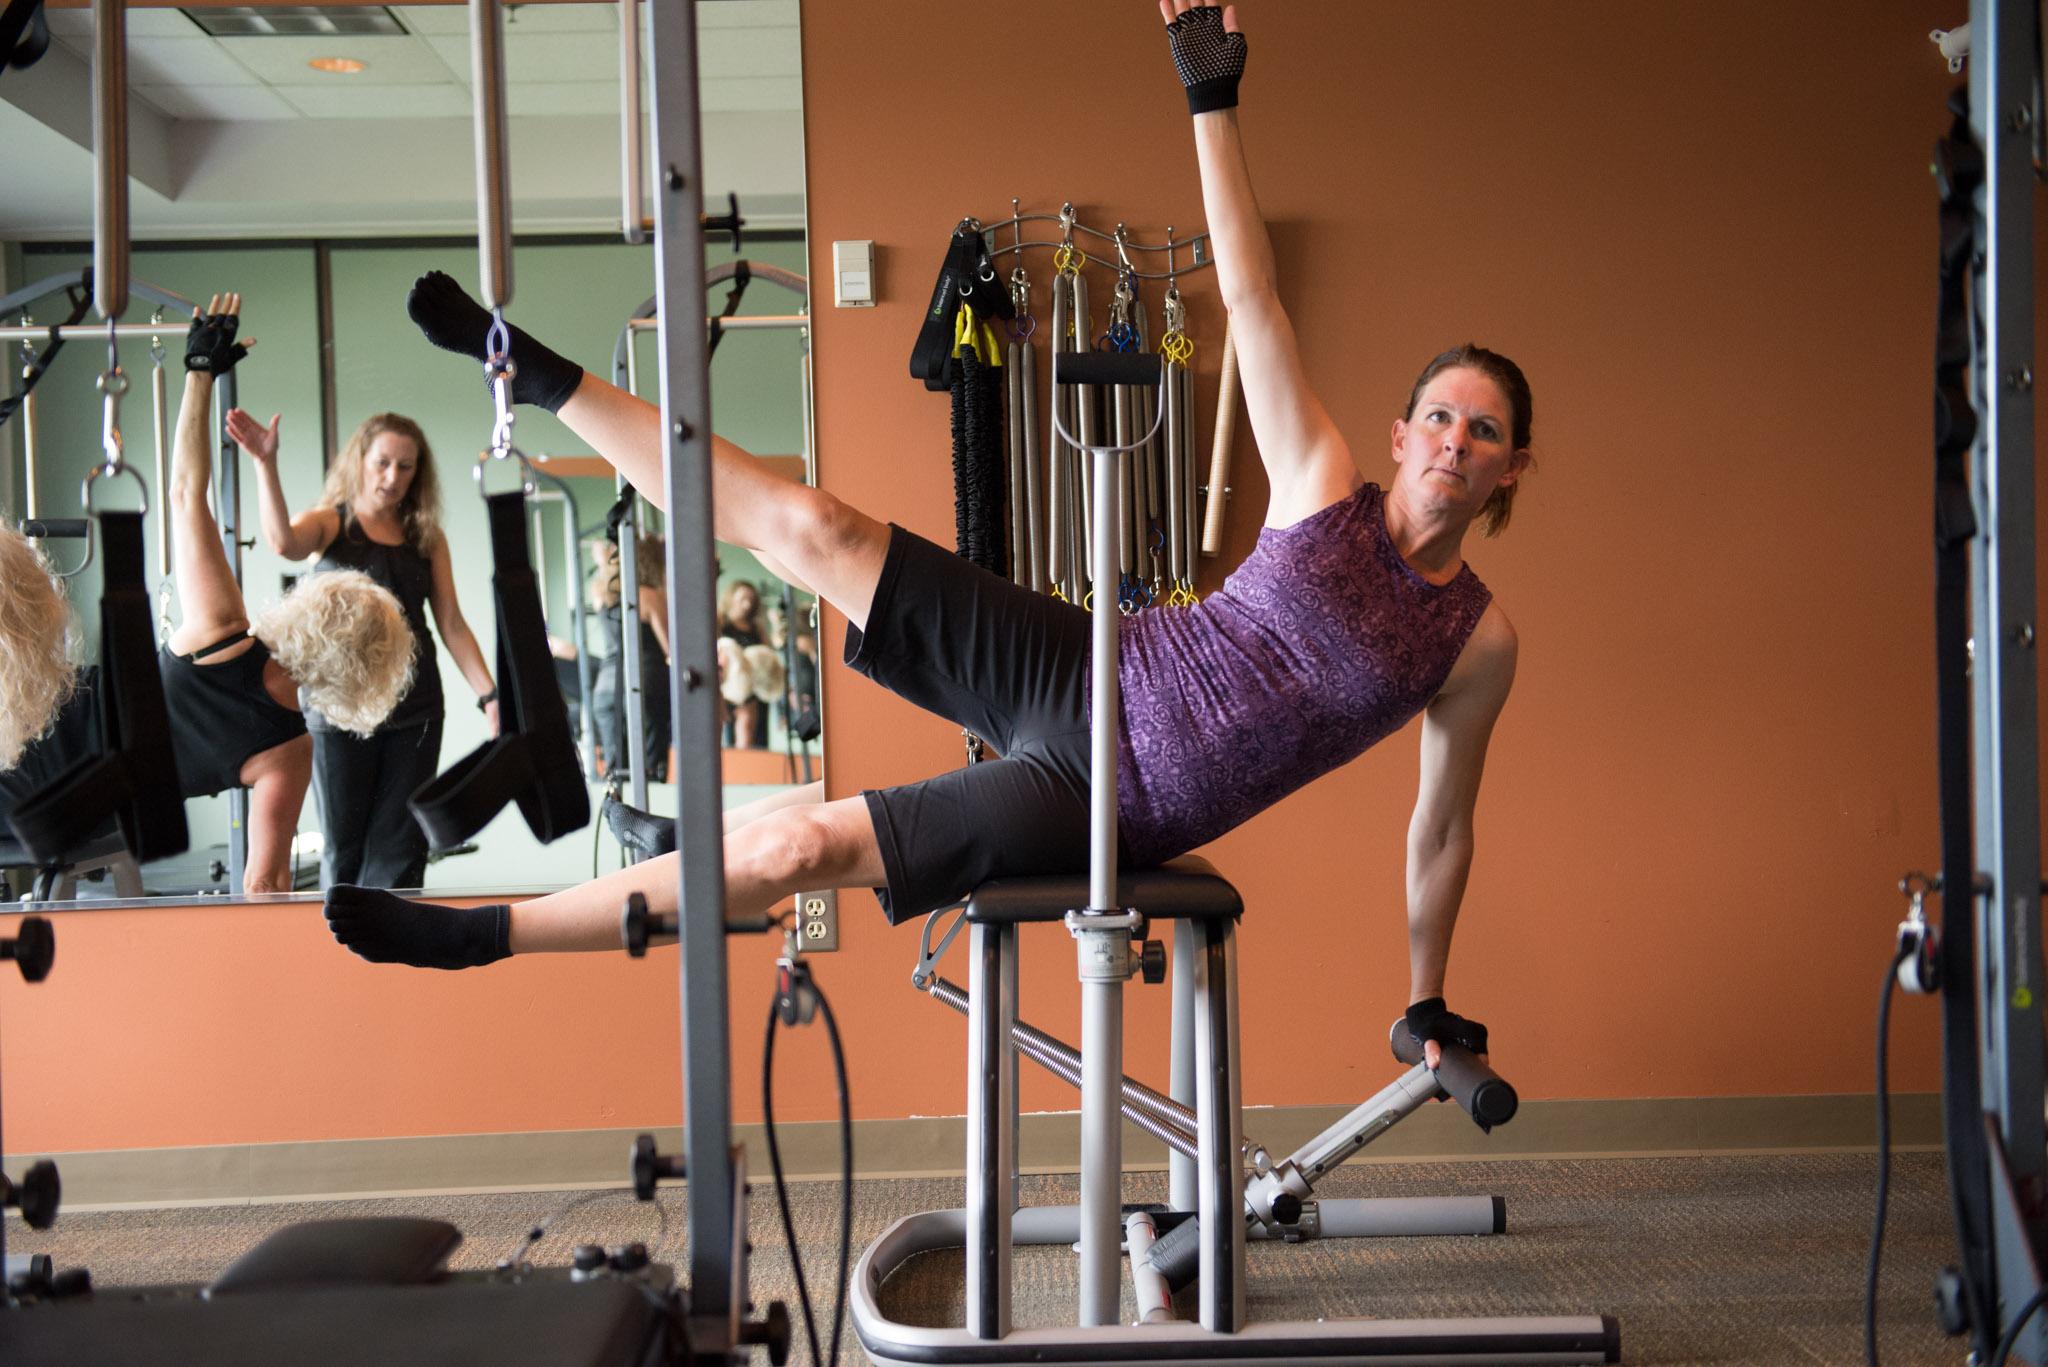 Wellness Center Stock Photos-1460.jpg